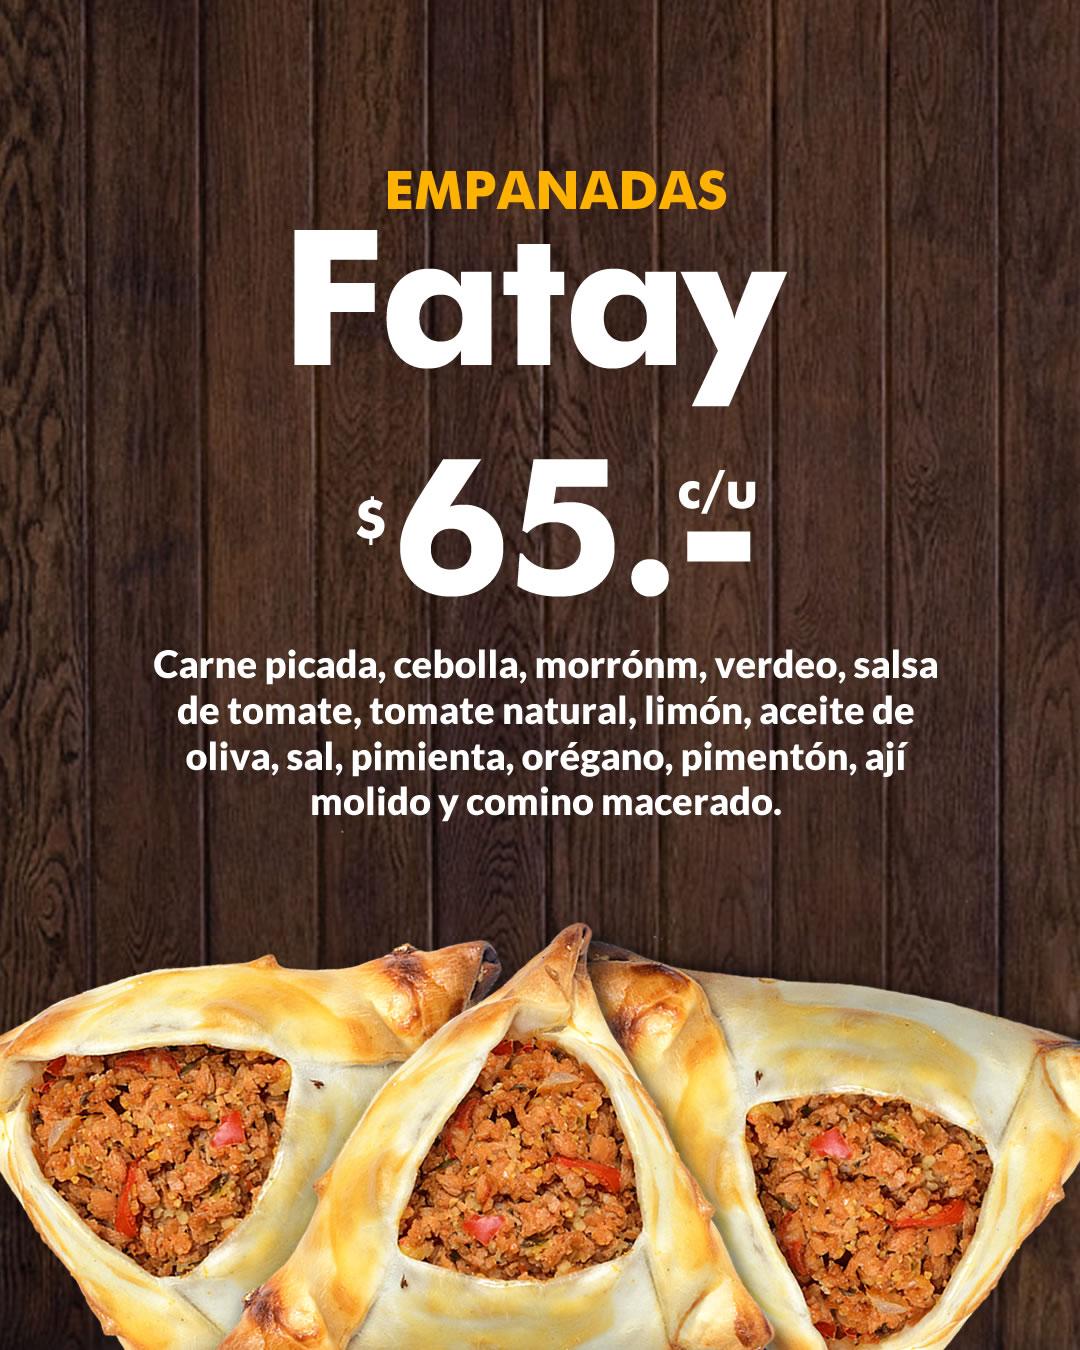 empanadas fatay